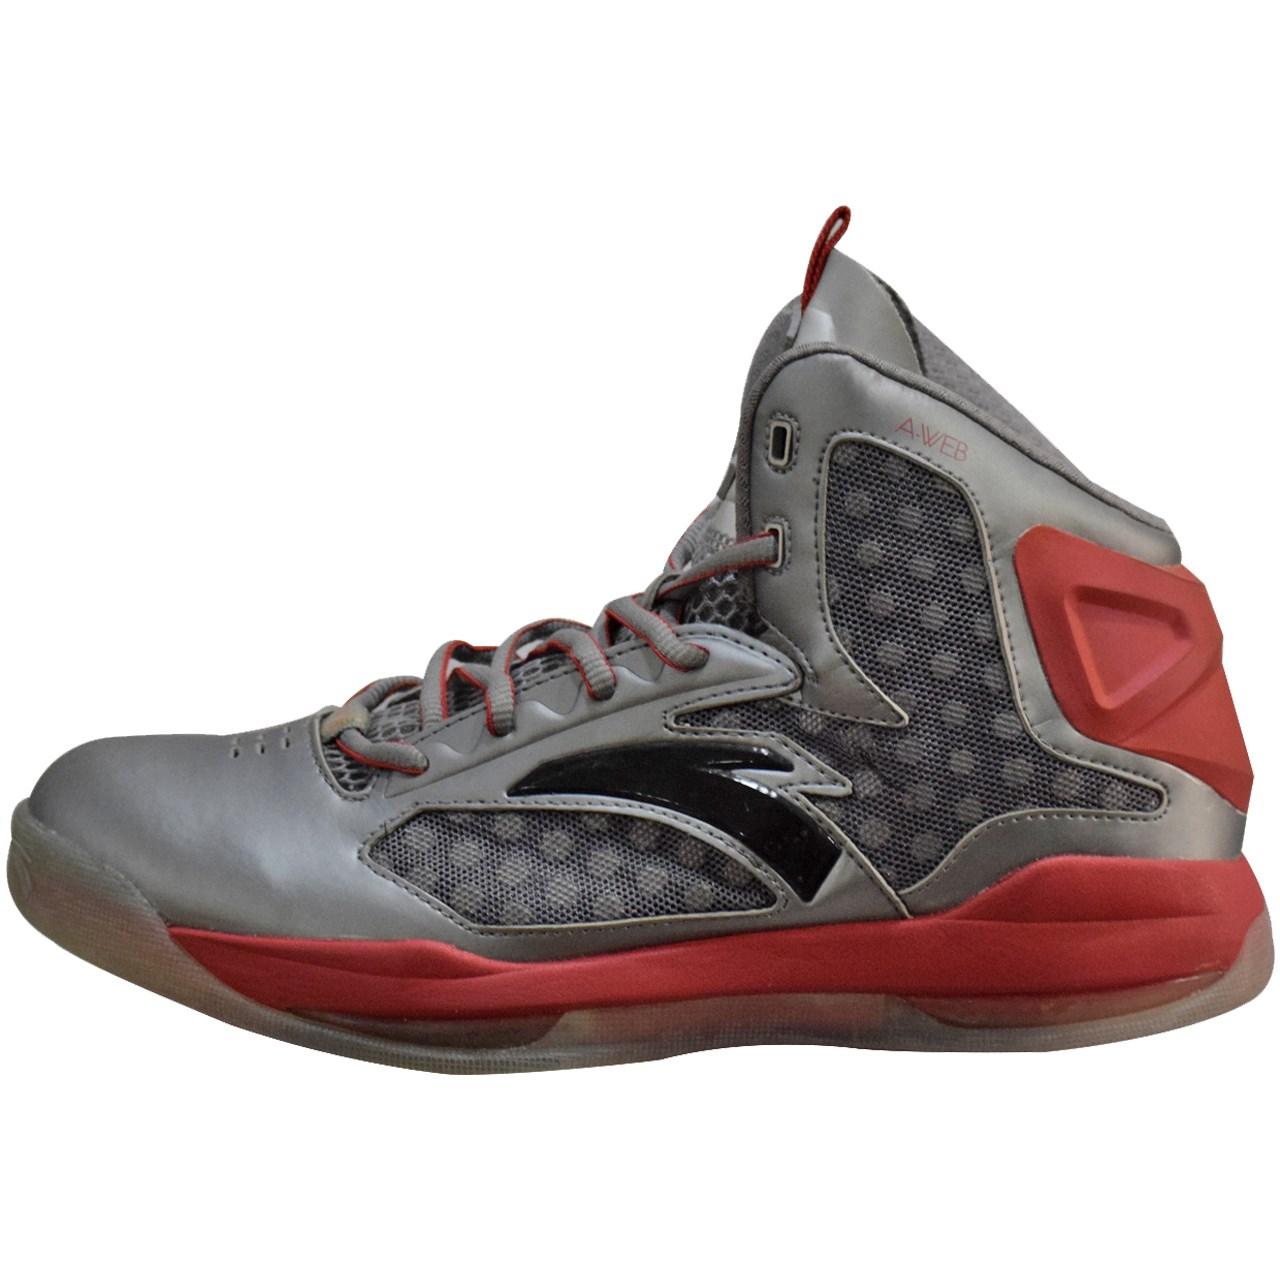 قیمت کفش بسکتبال مردانه آنتا مدل 81321121-1